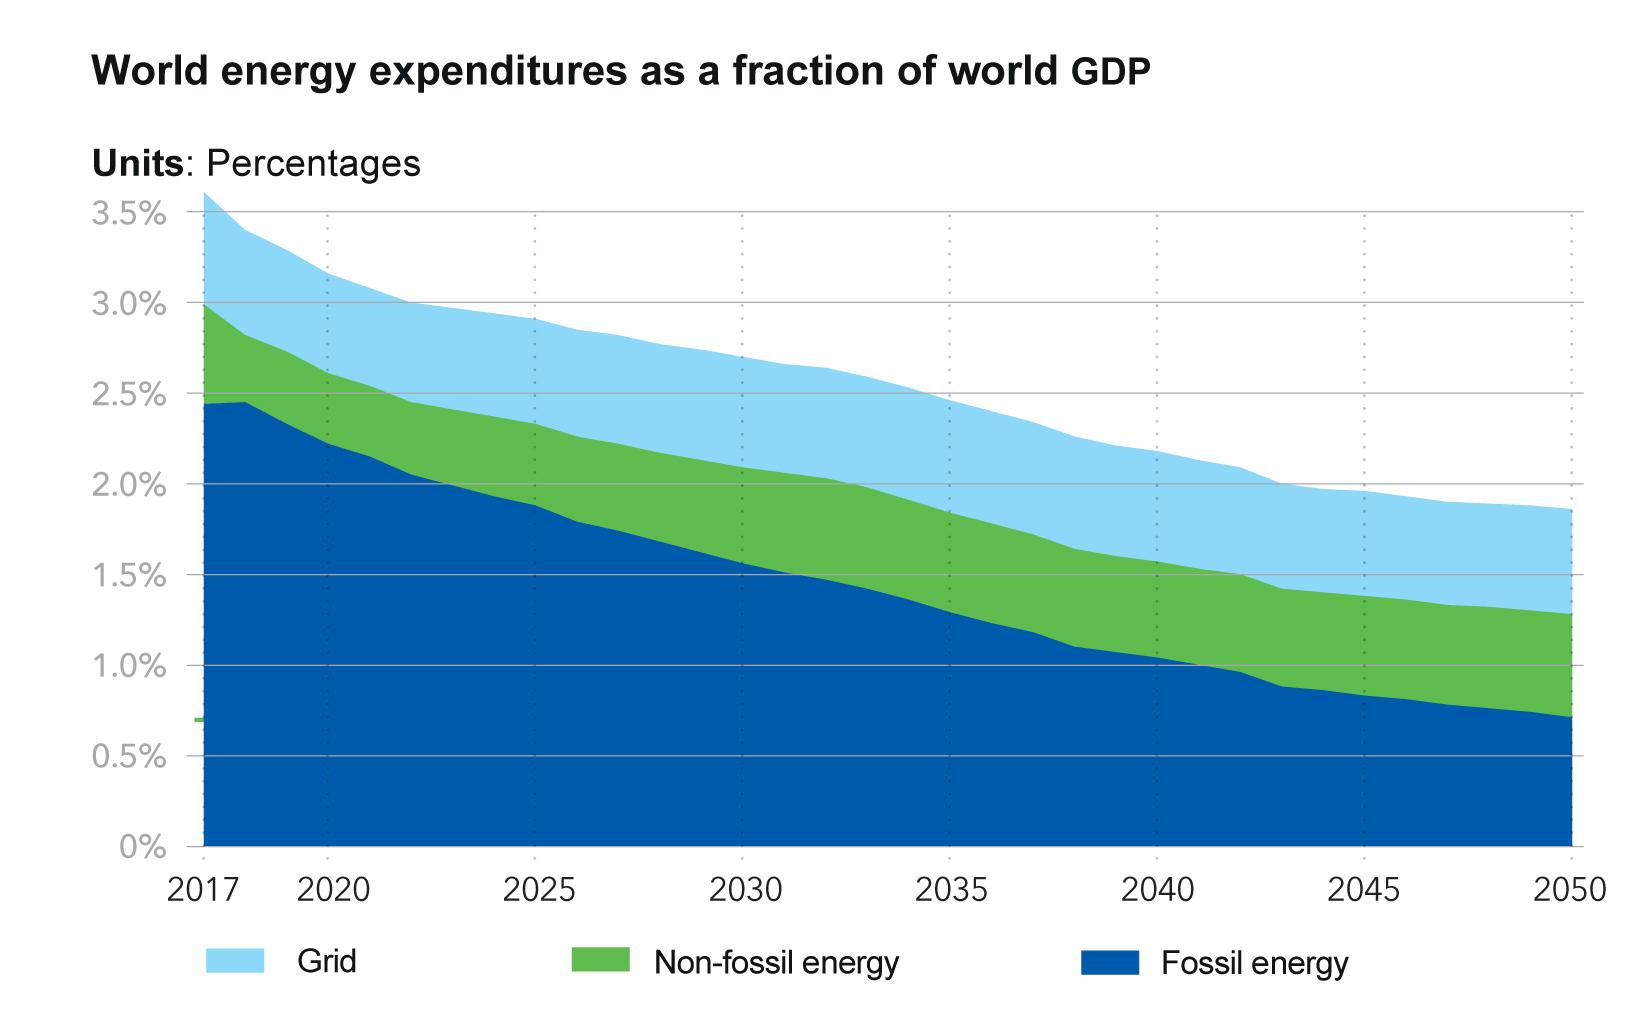 Рис. 1. Мировые энергозатраты в доле мирового ВВП, 2017-2050,%. Источник: отчет DNV GL «Energy Transition Outlook 2019», сентябрь 2019.